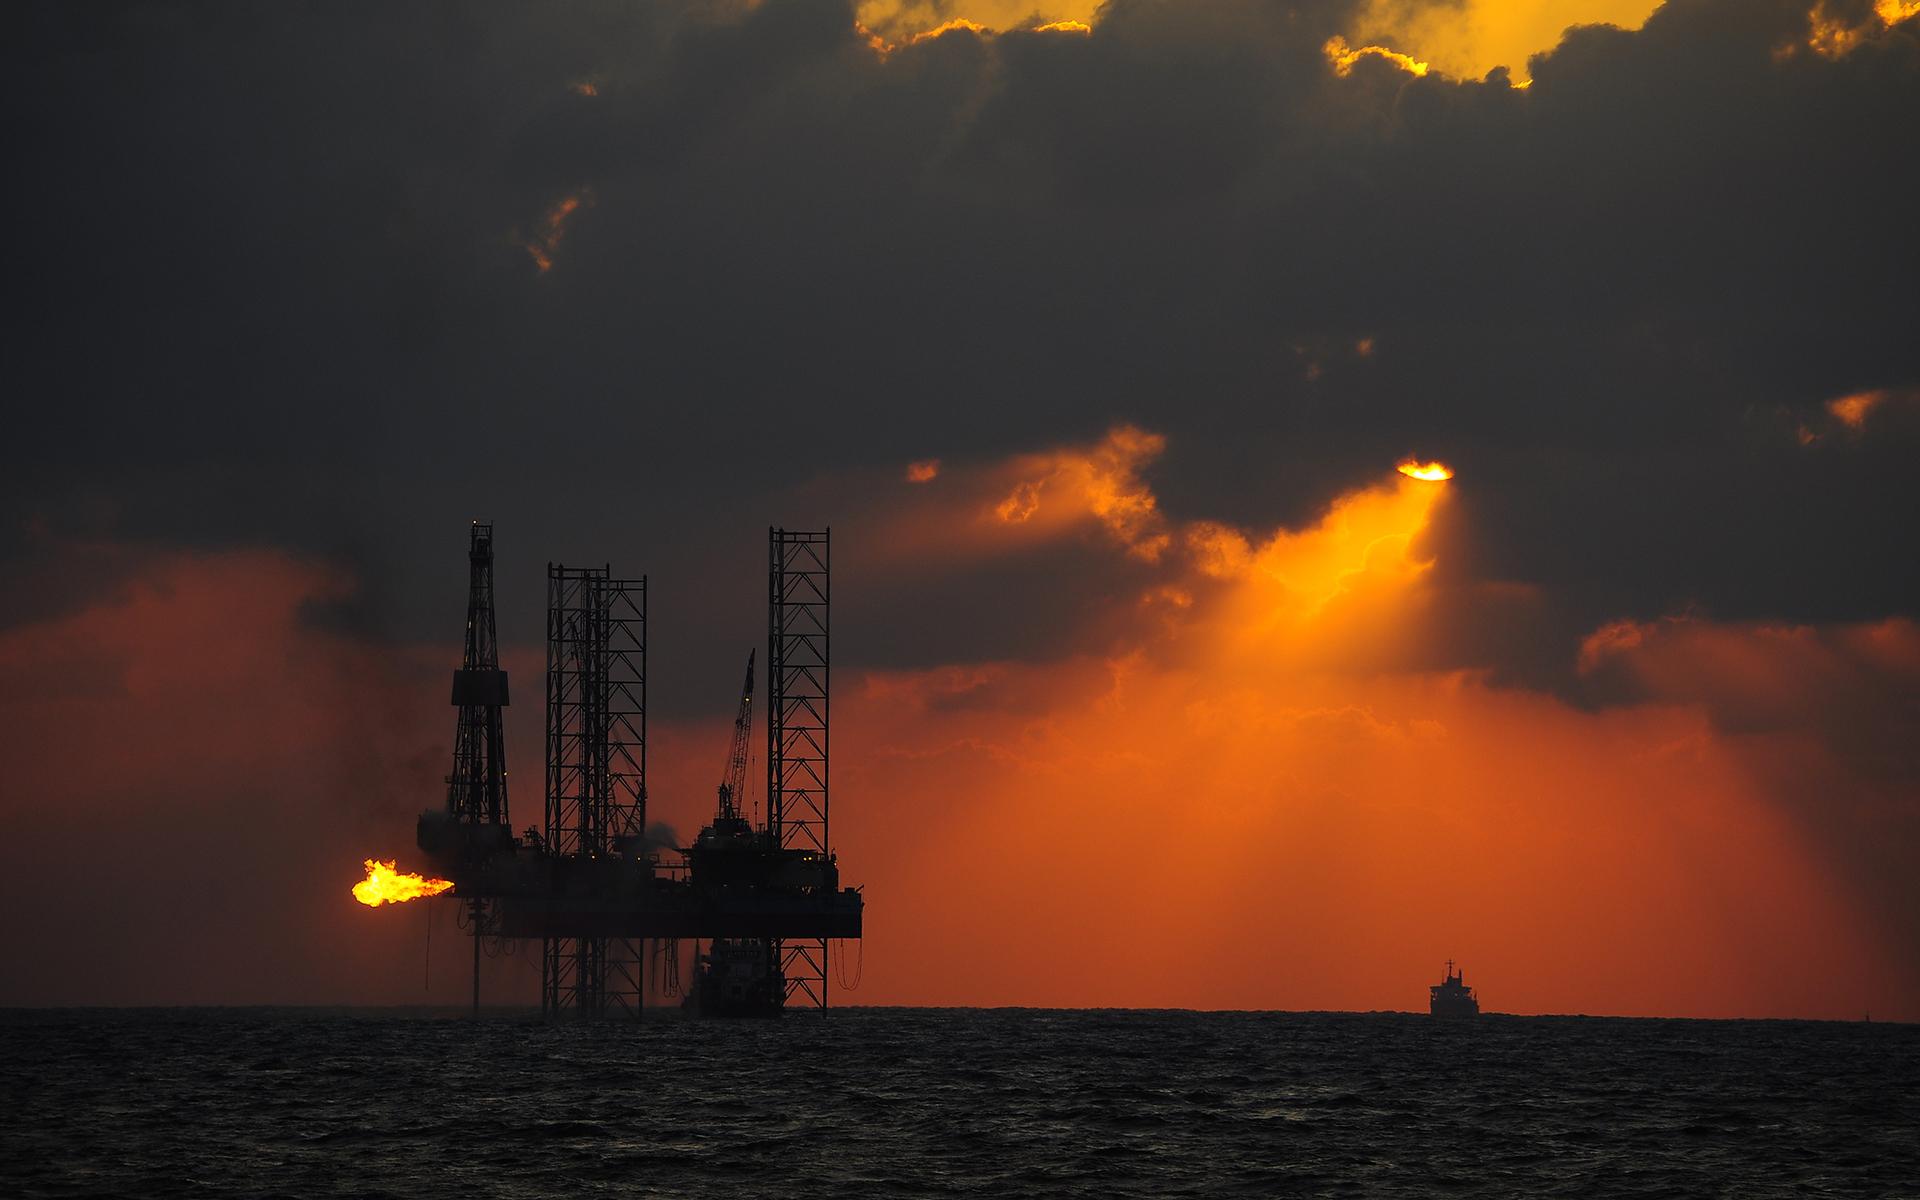 Нефтяная вышка обои на рабочий стол